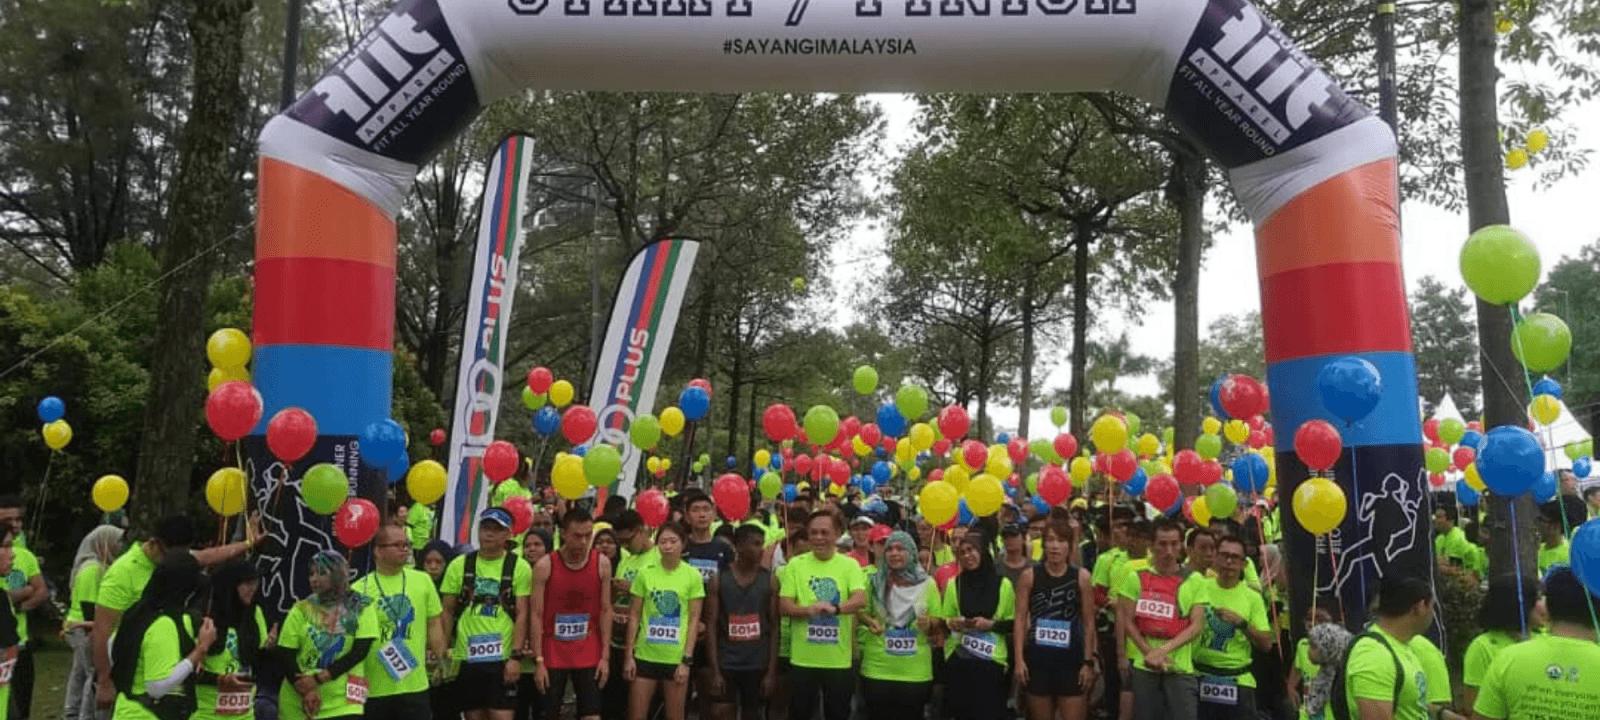 SAMH Charity Fun Run 2019